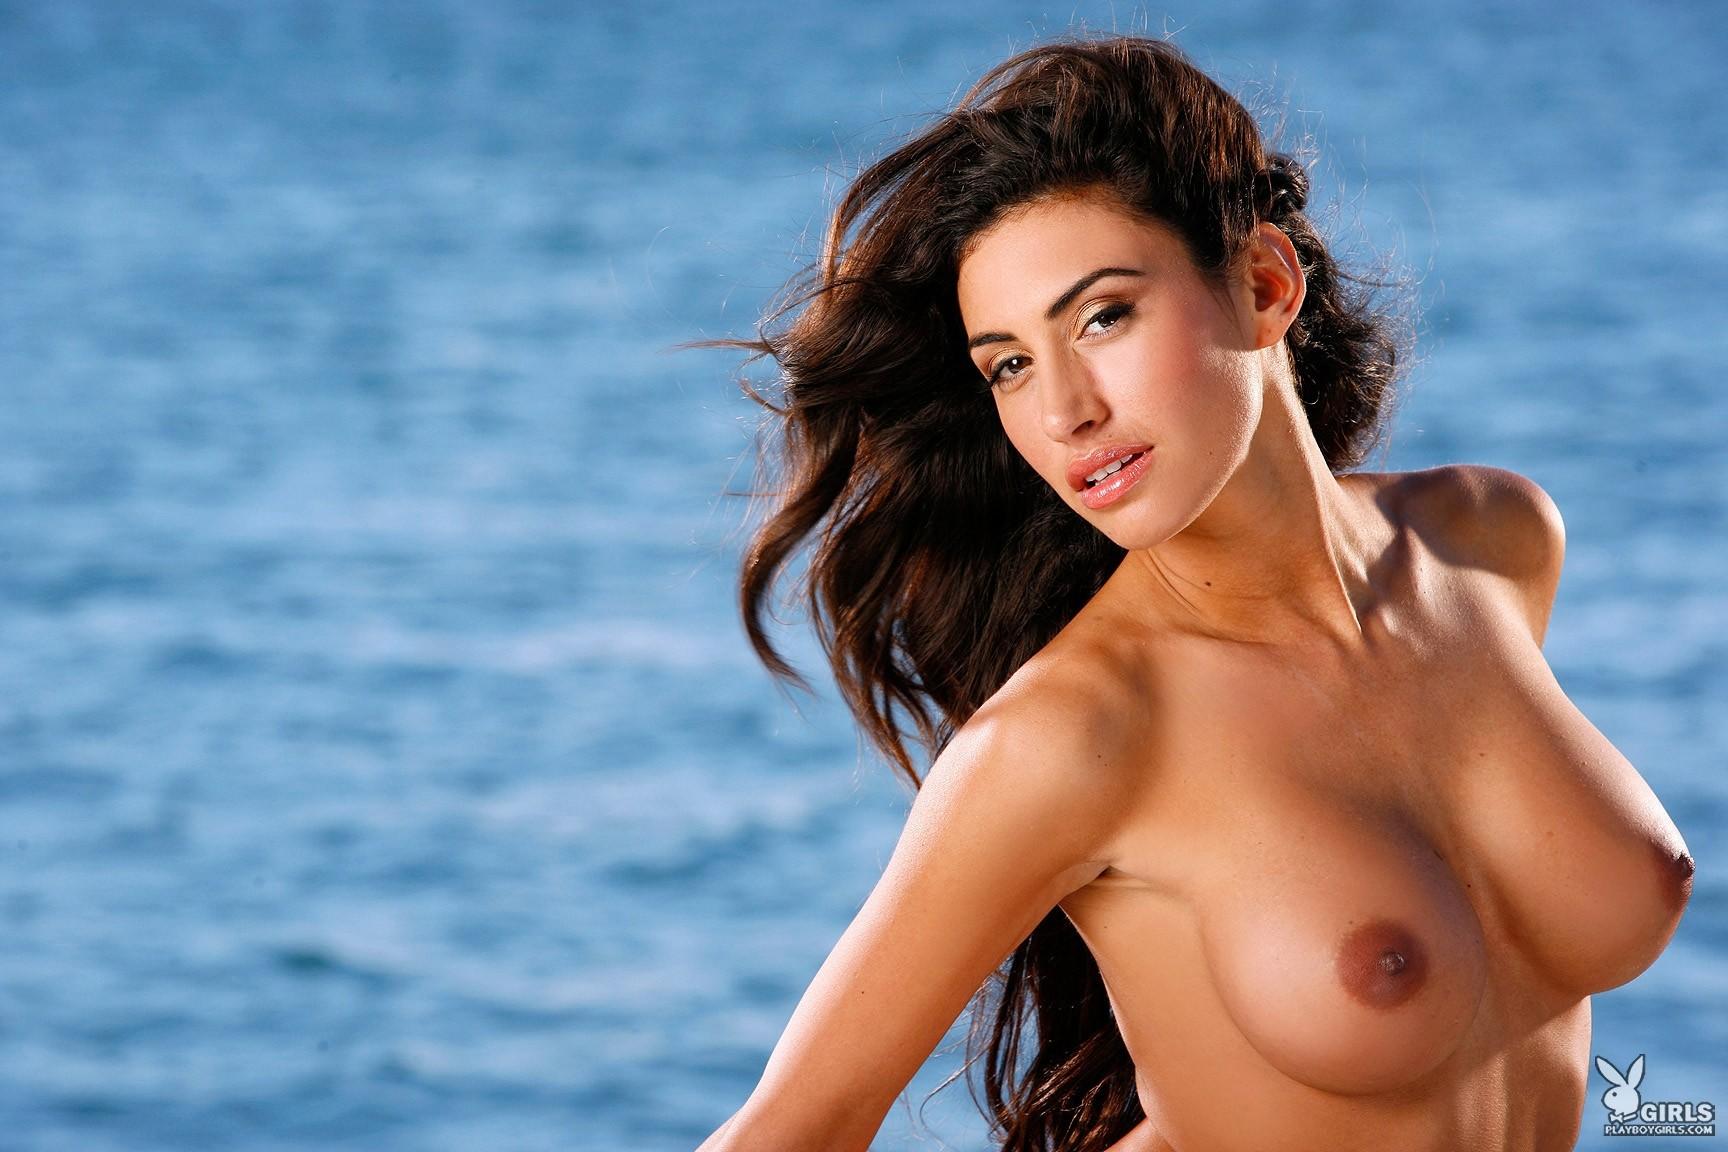 nude women of lake havasu